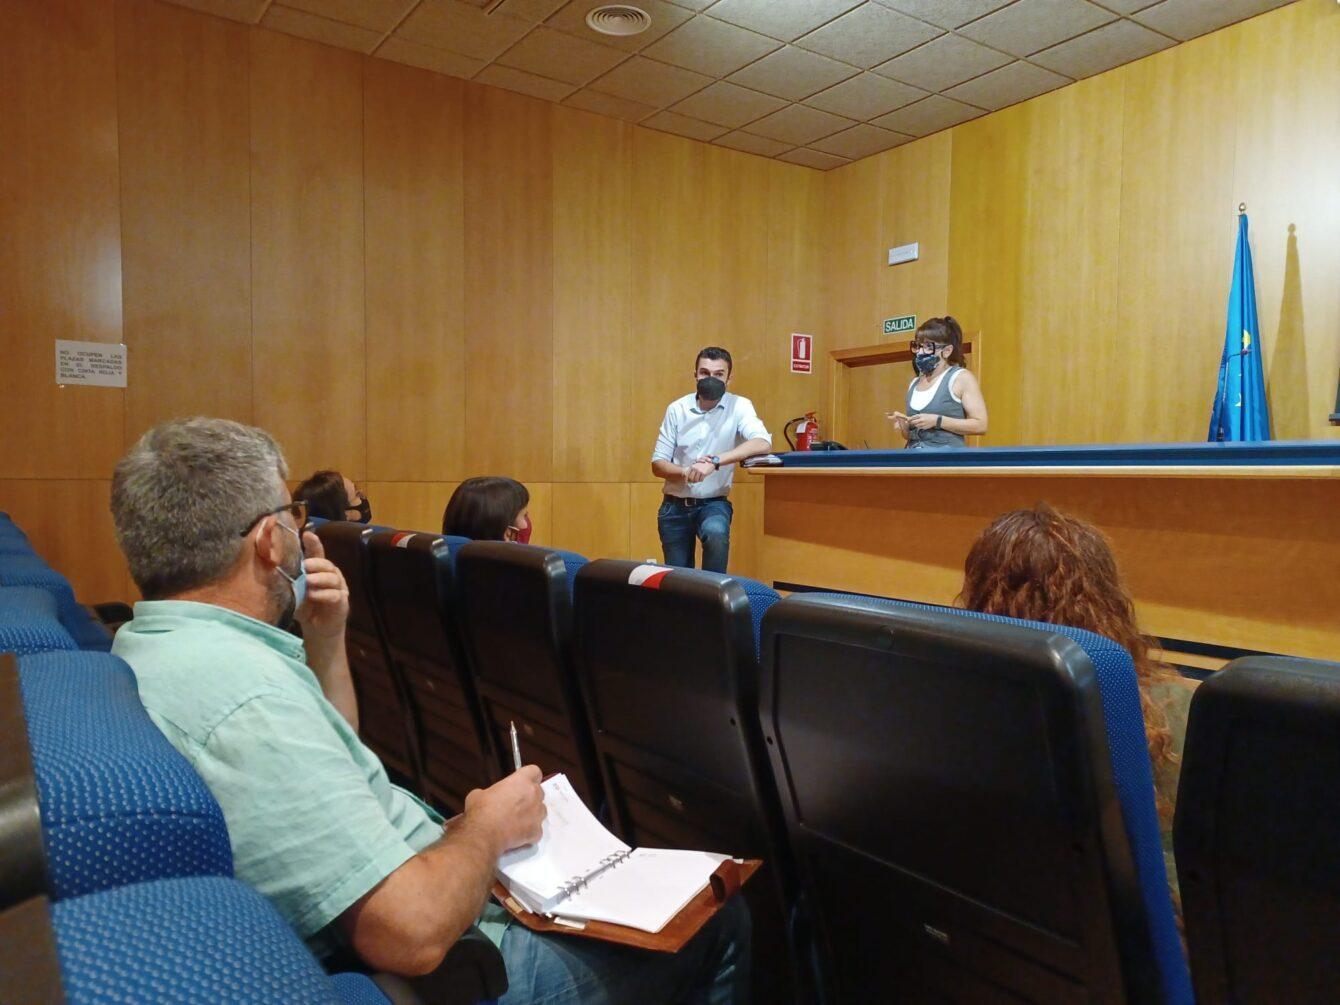 El Ayuntamiento de Cádiz prepara la agenda de actividades previstas para la Navidad